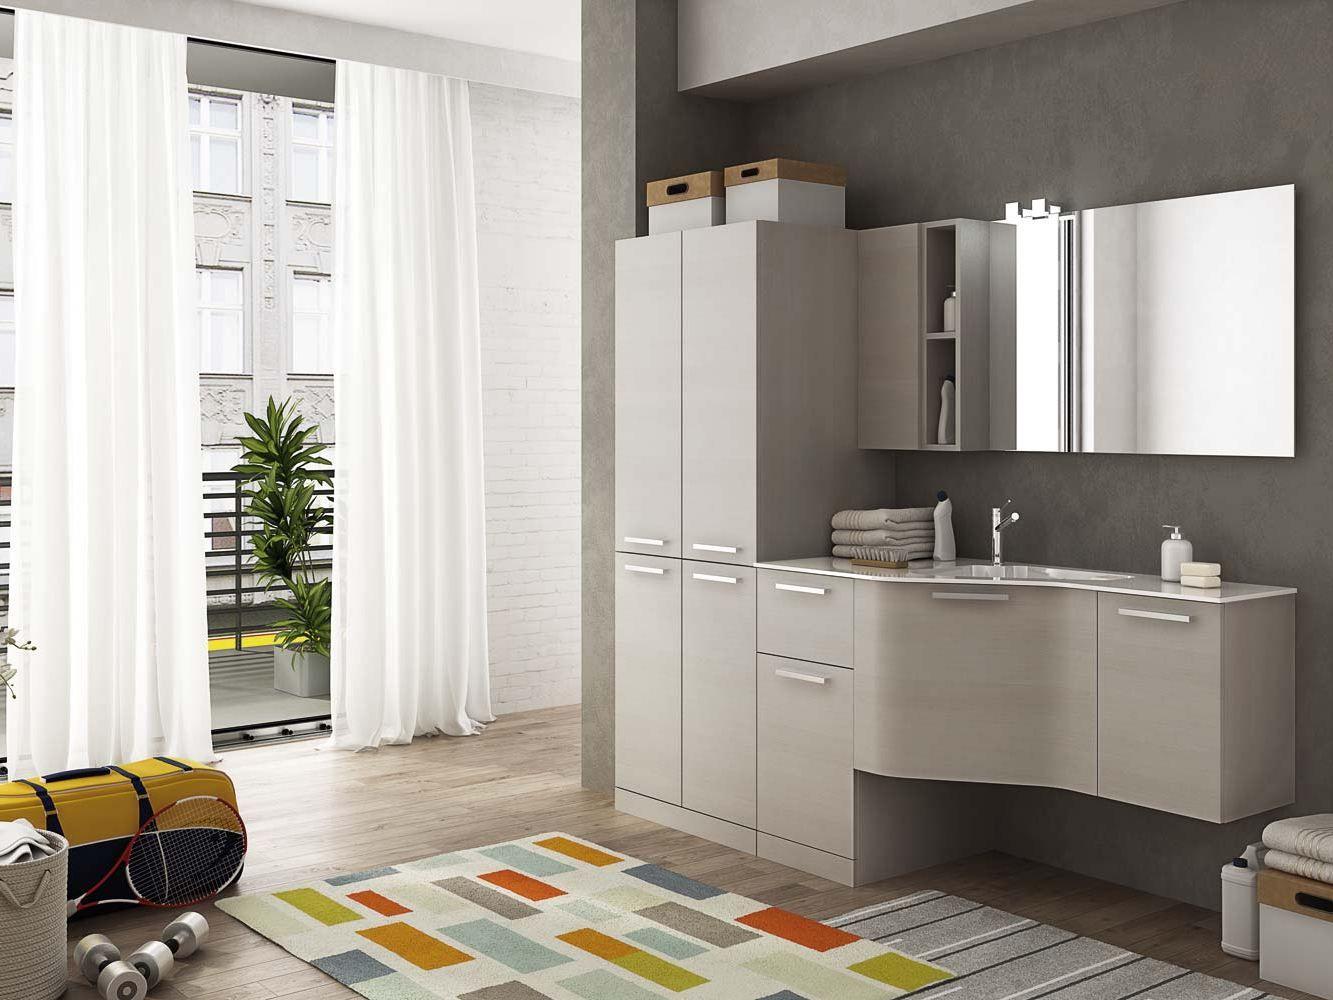 Waschküche Schrank ikea hamburg jugendzimmer speyeder verschiedene ideen für